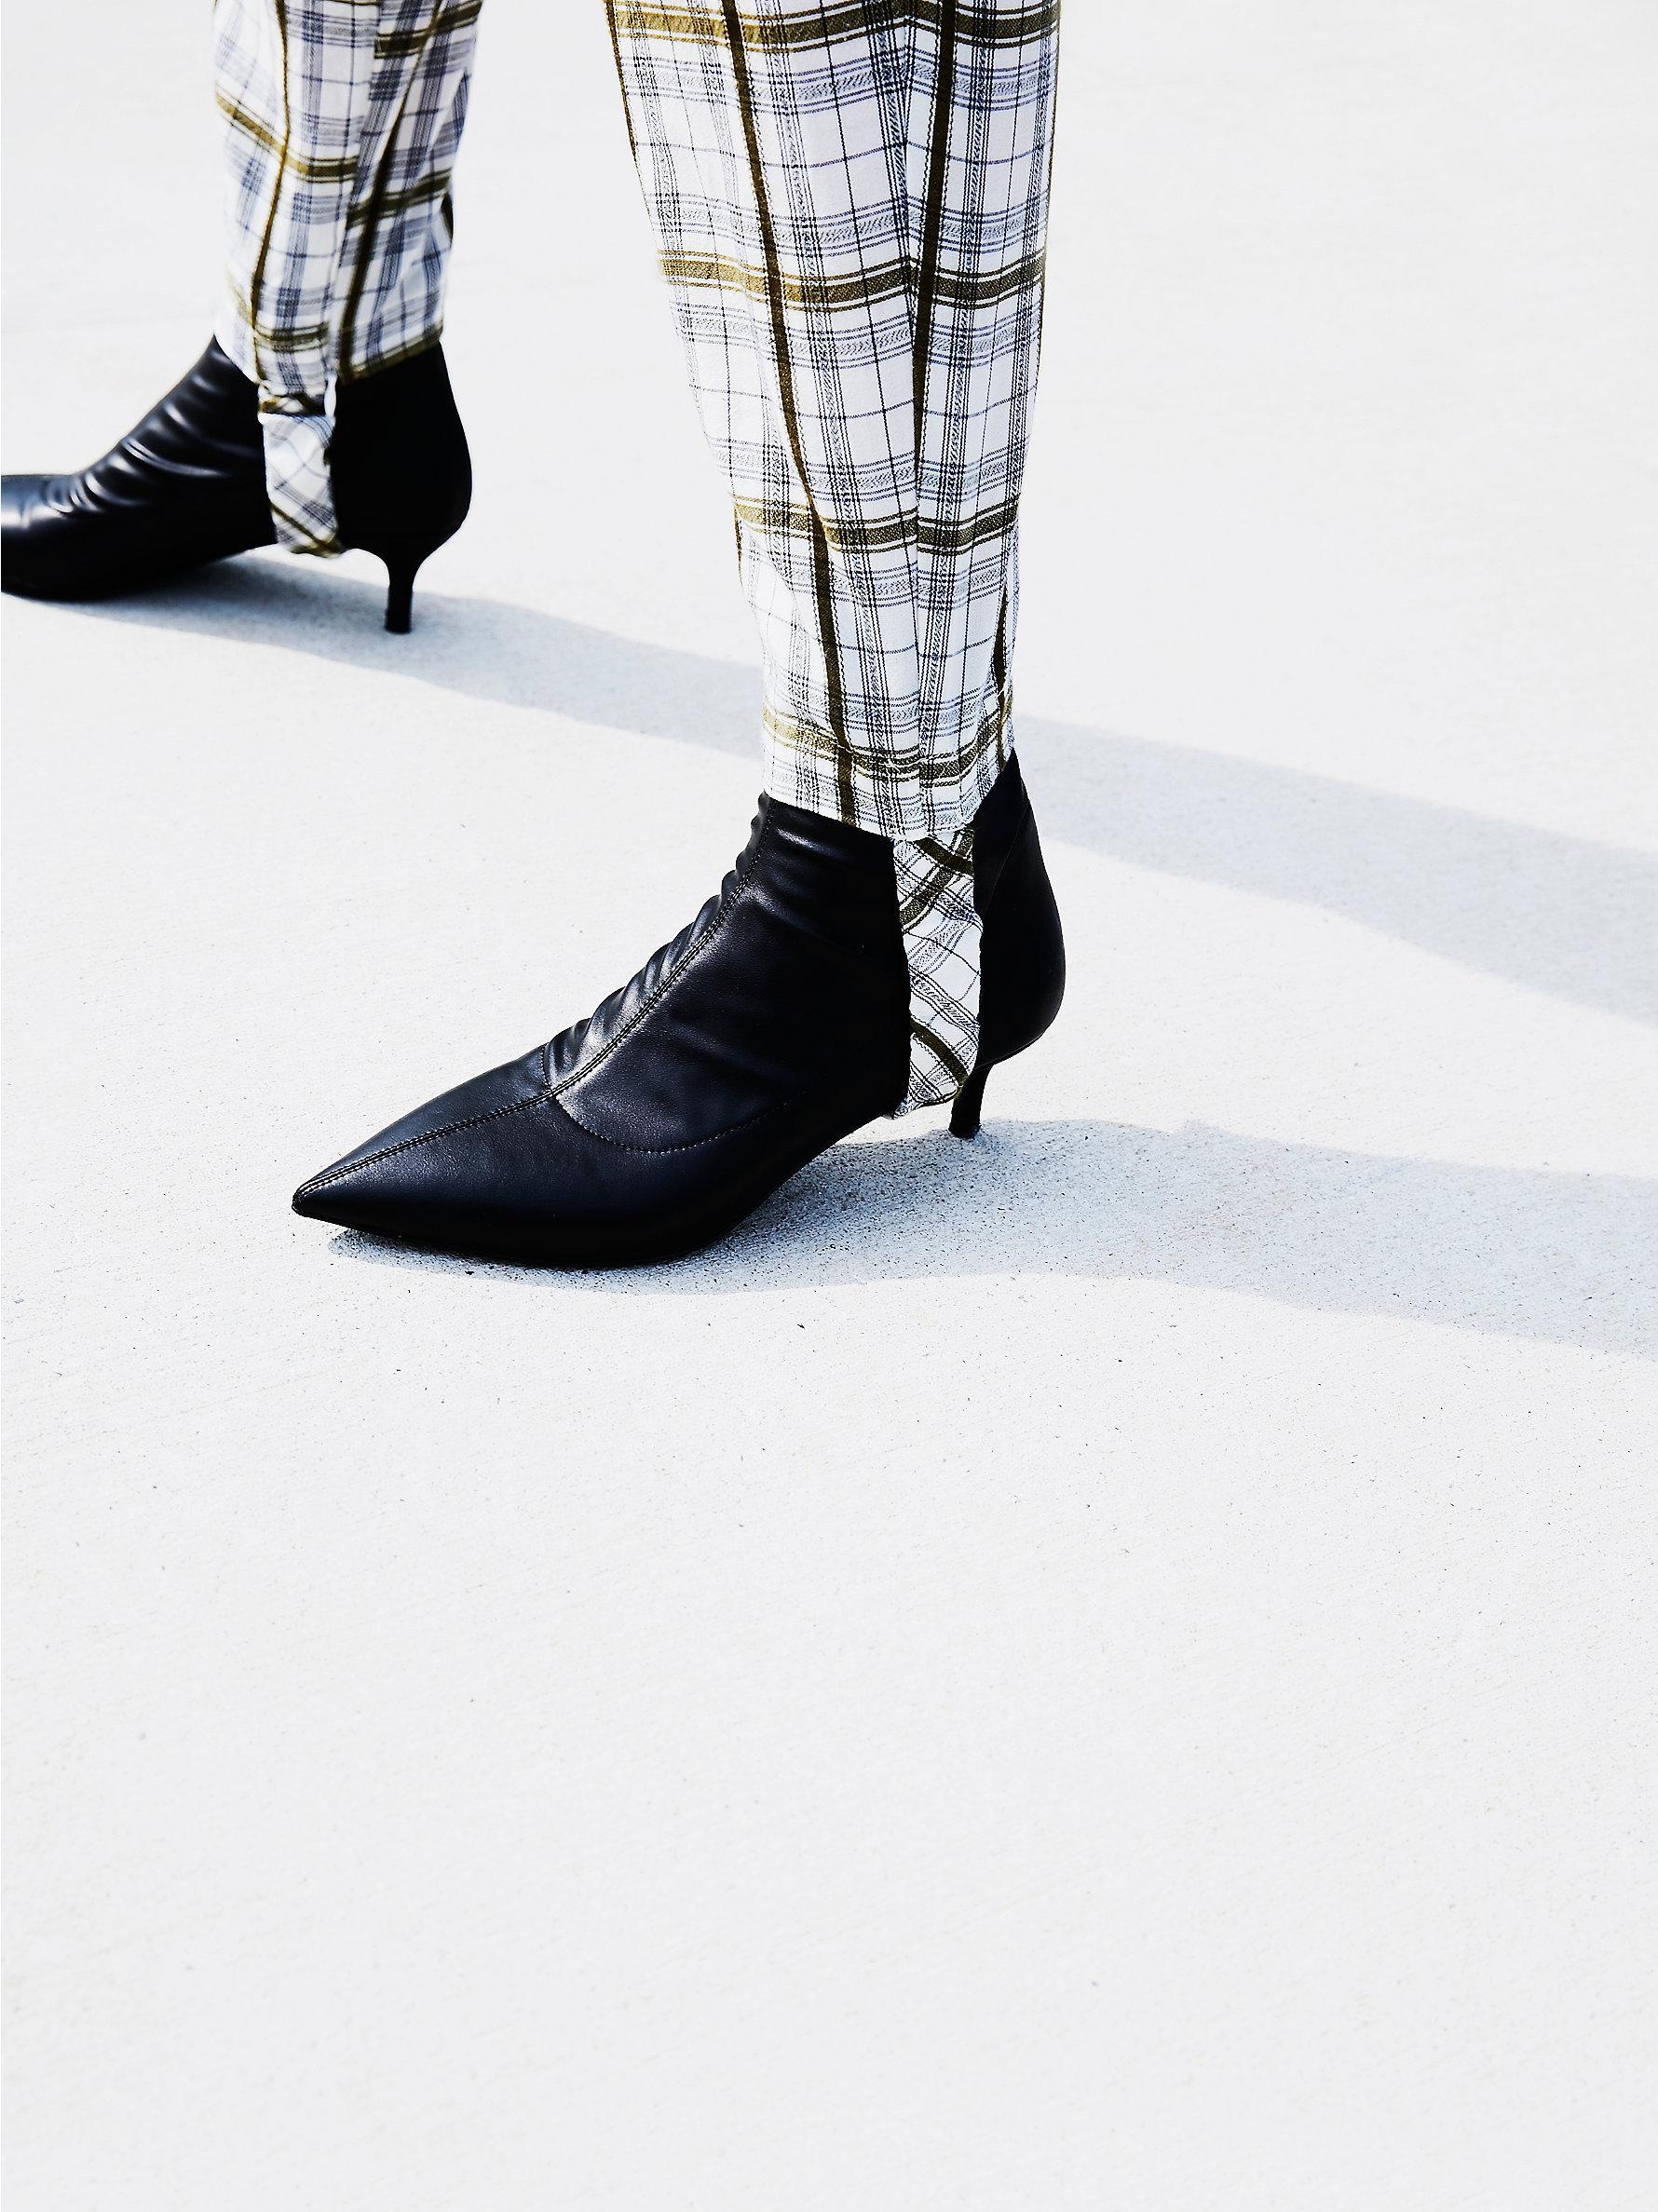 7c6ff892fee Lyst - Free People Marilyn Kitten Heel Boot in Black